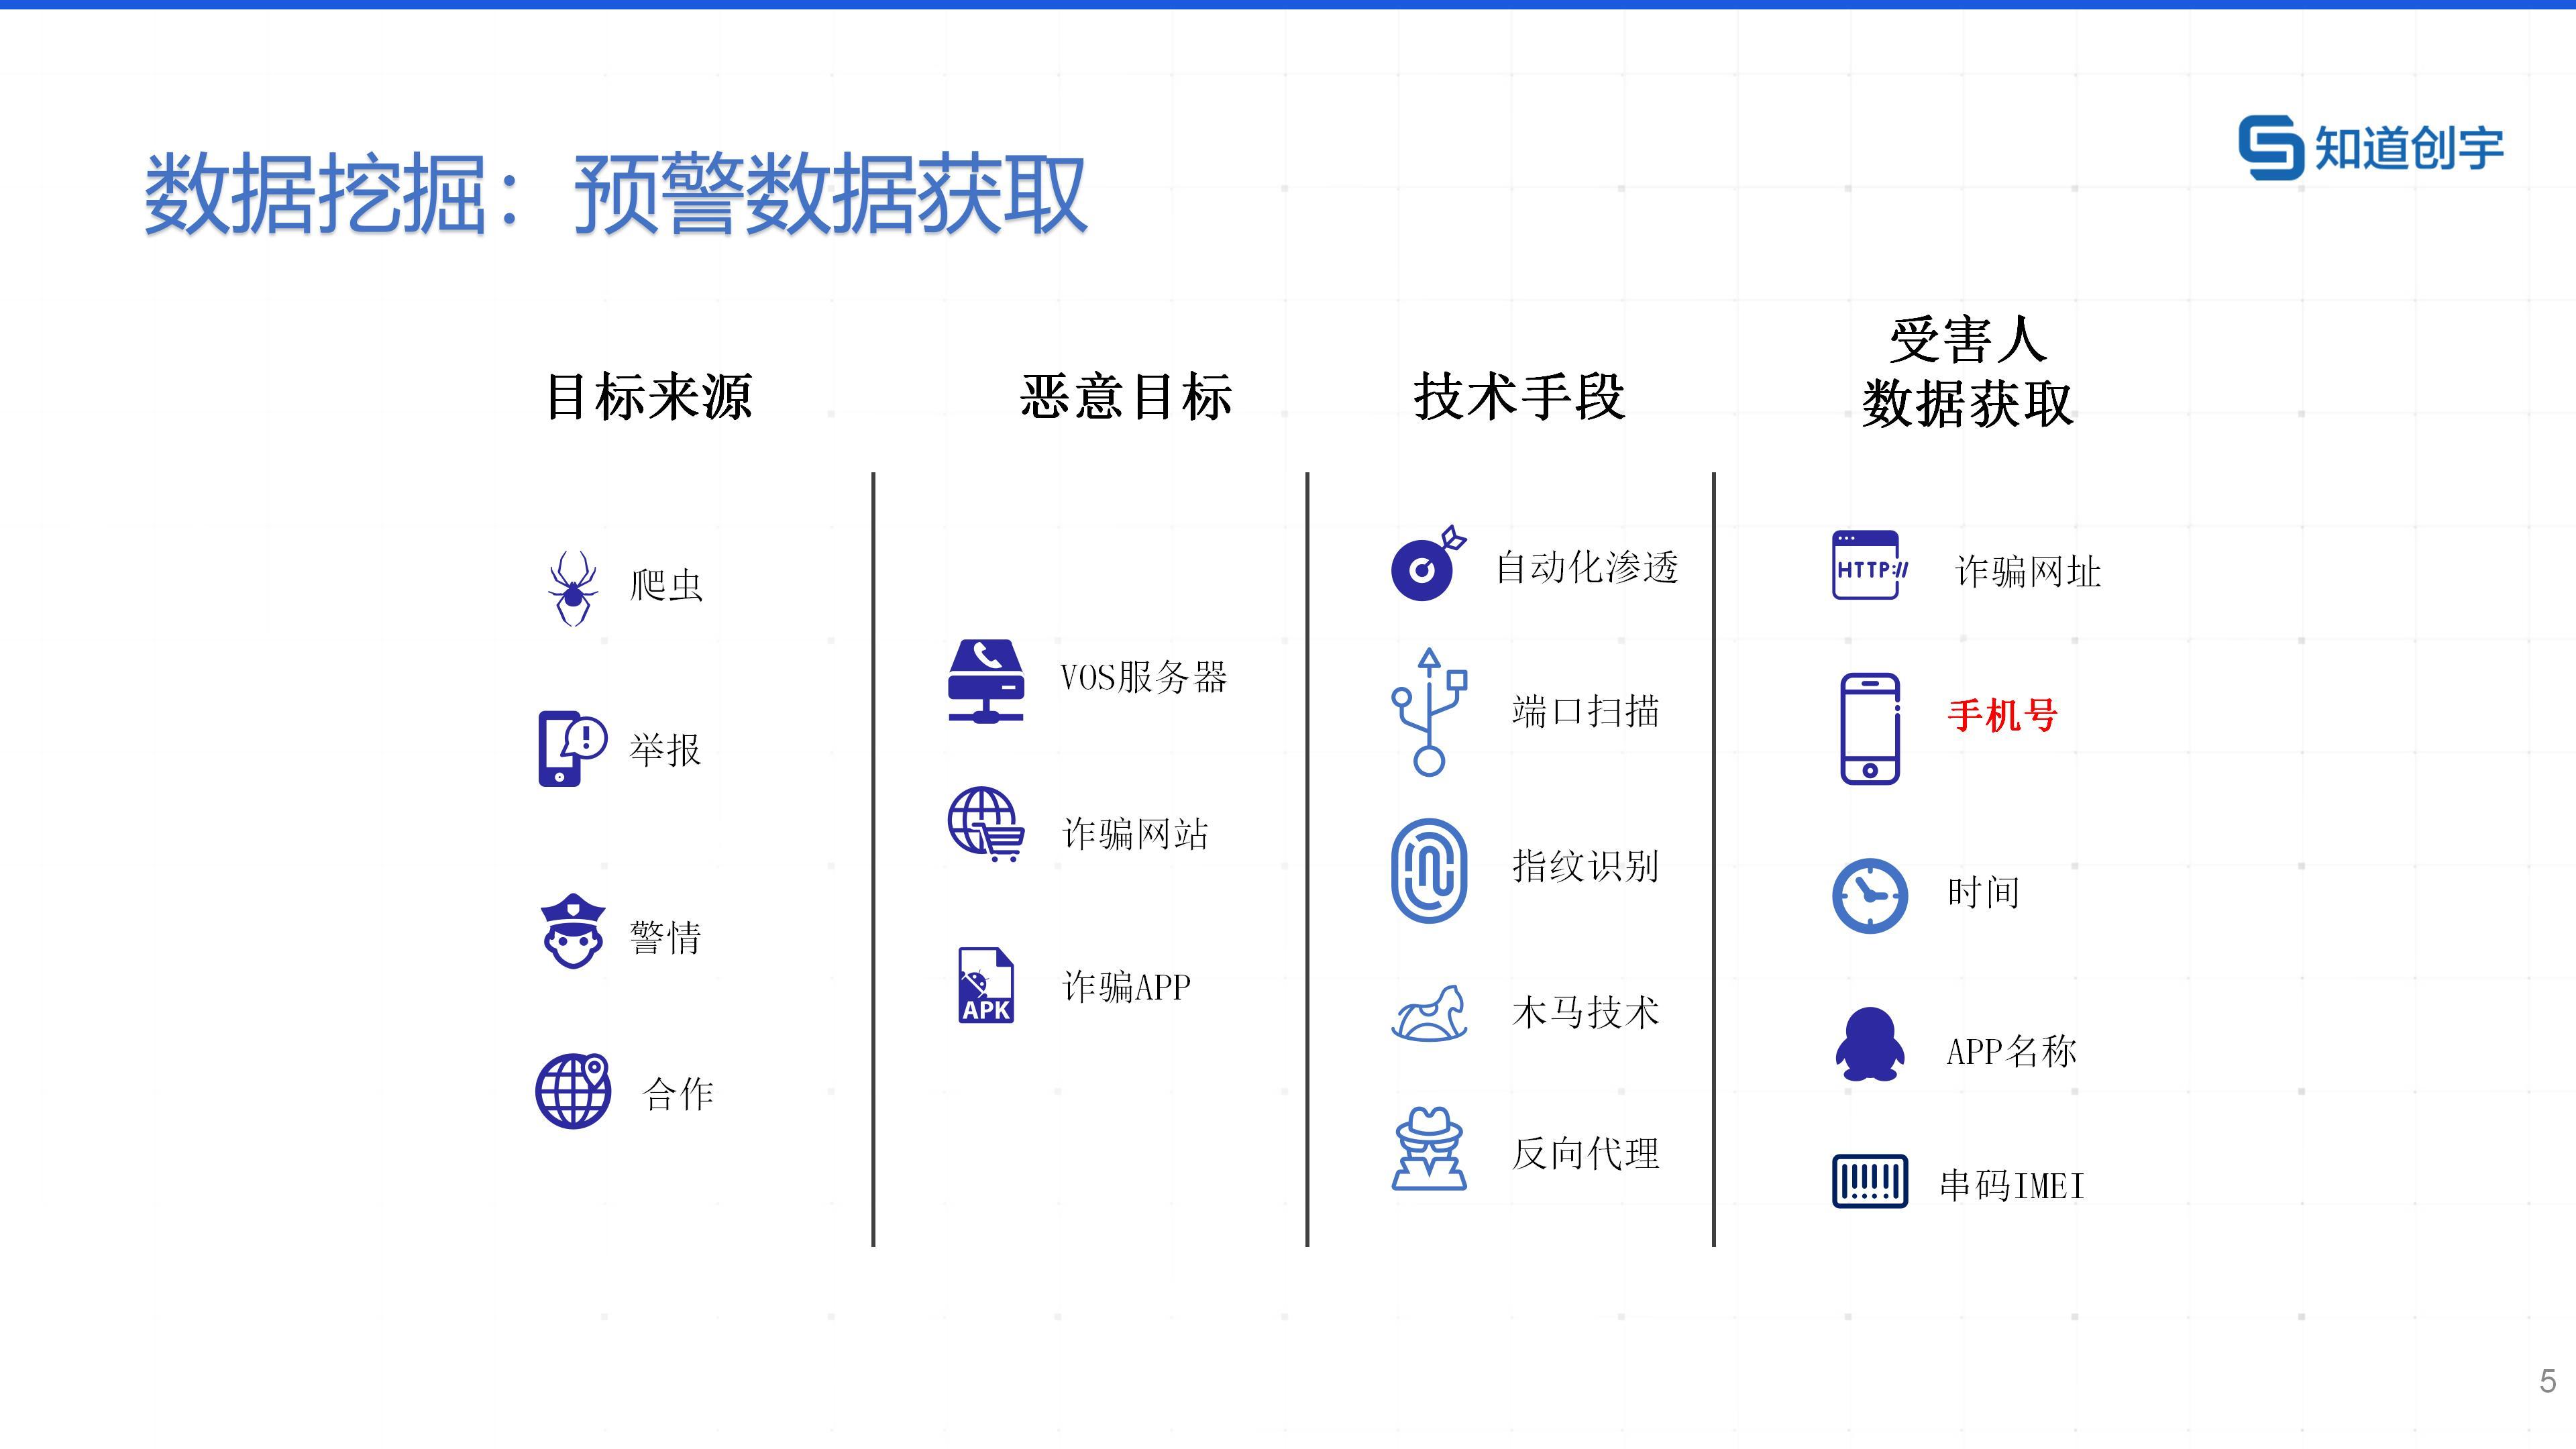 01.知道创宇反诈大脑预警SAAS平台产品白皮书_20210224_05.jpg